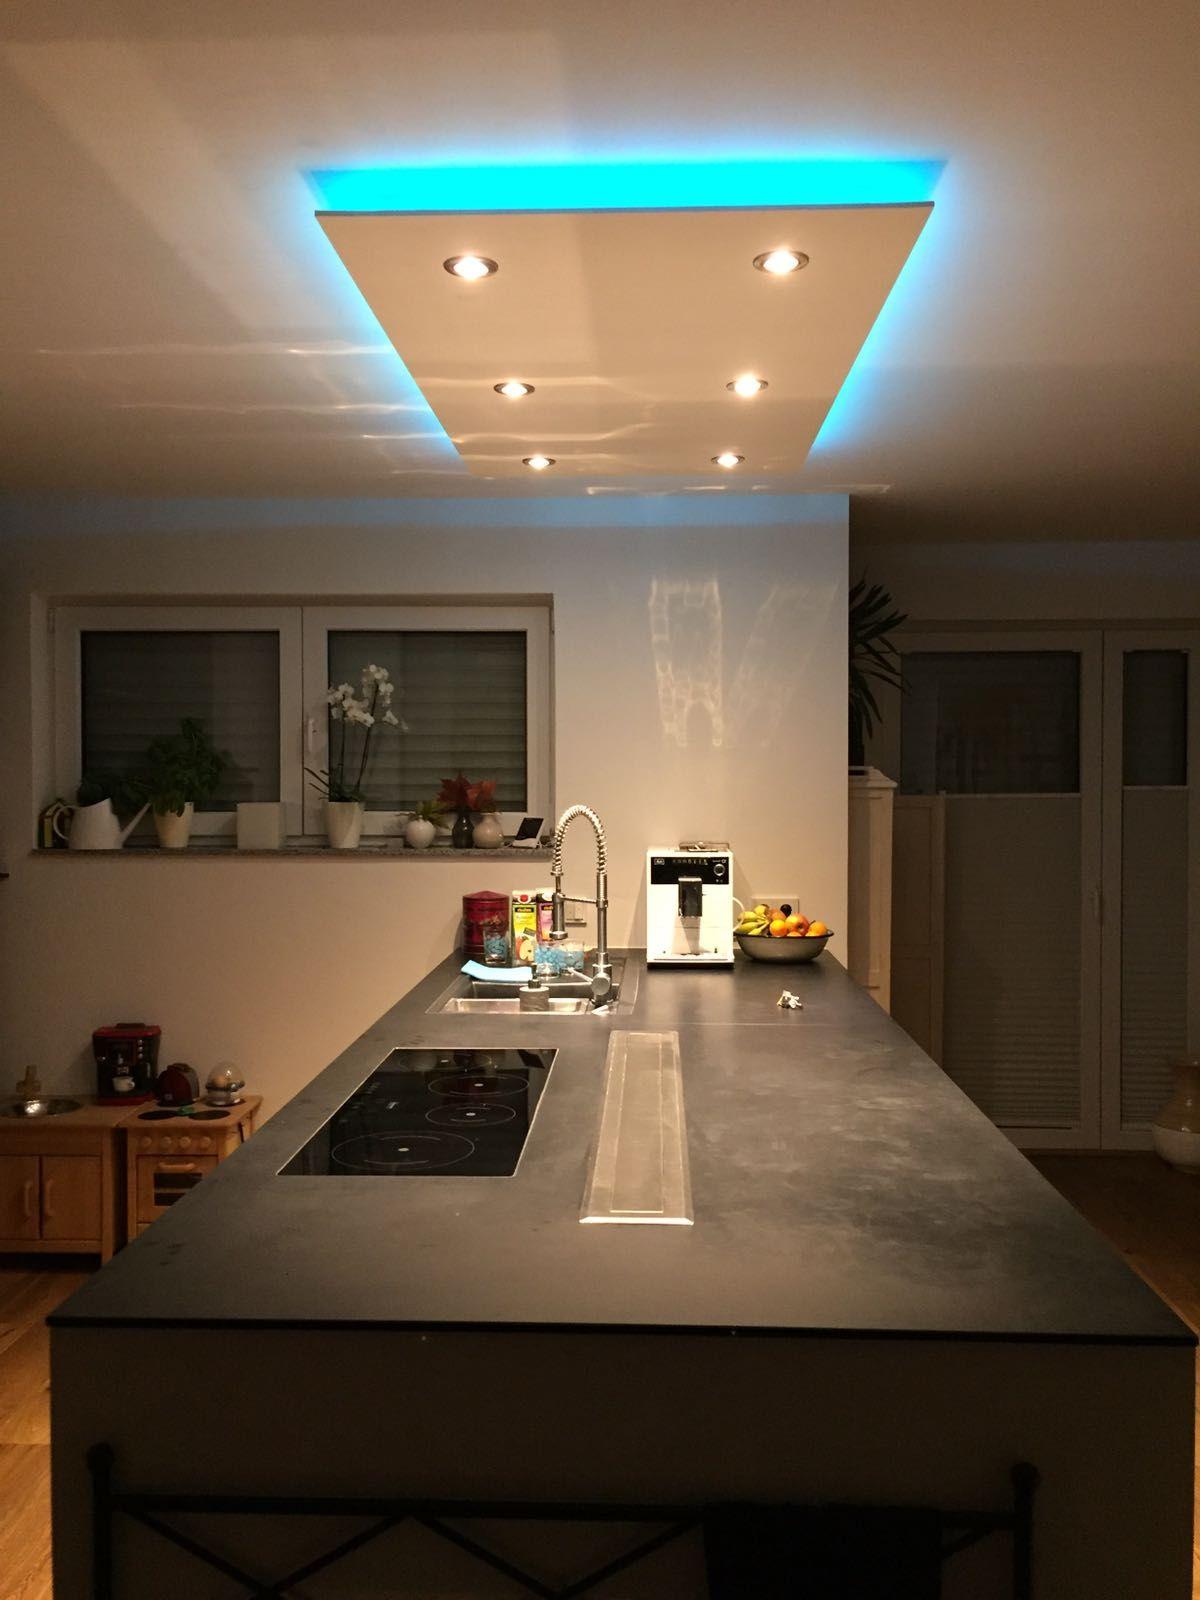 beeindruckende kundenbilder jetzt ansehen beleuchtung. Black Bedroom Furniture Sets. Home Design Ideas